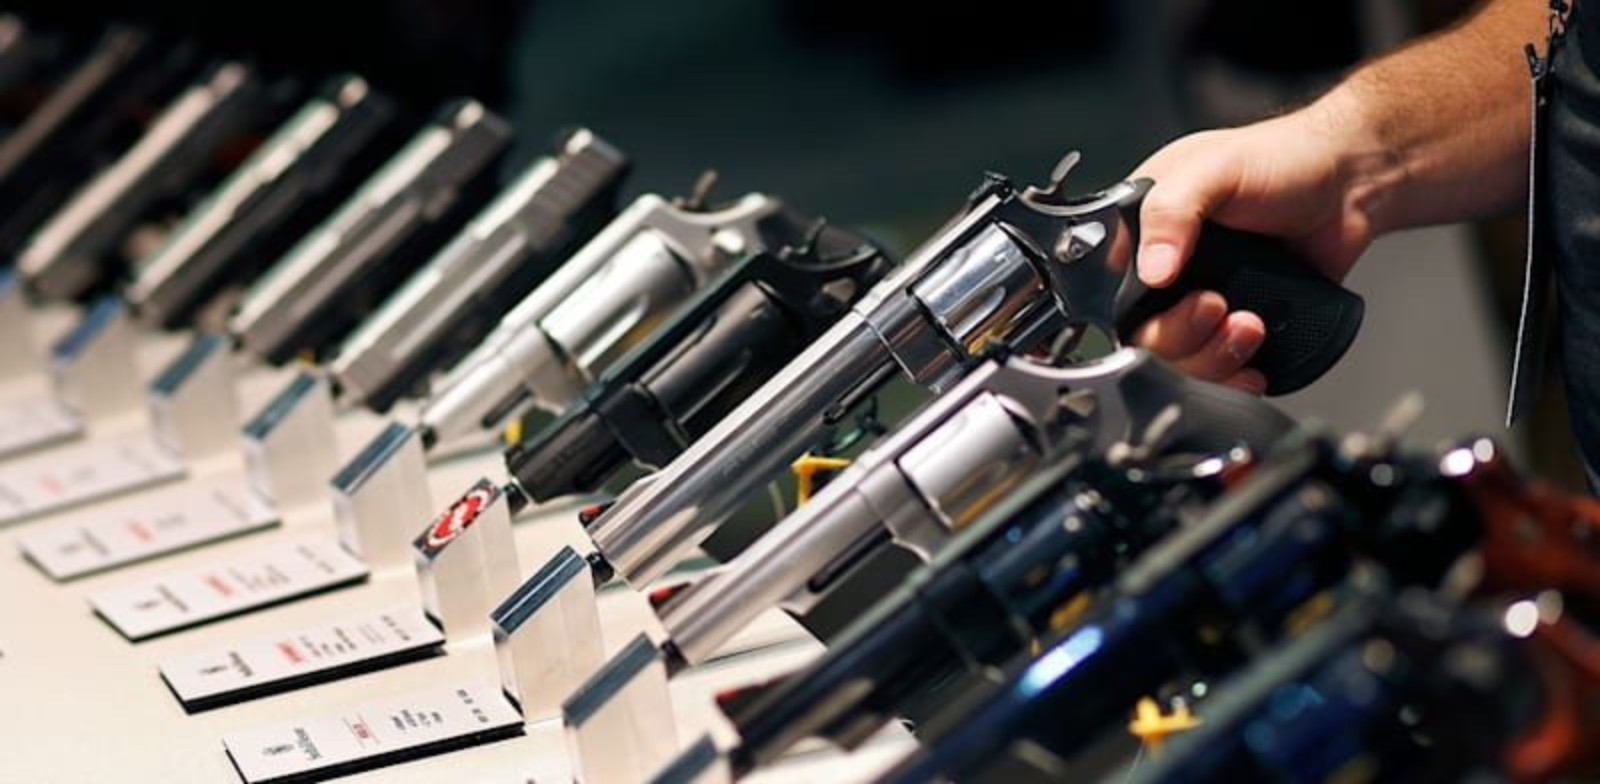 תצוגת אקדחים / צילום: Associated Press, ג'ון לוצ'ר